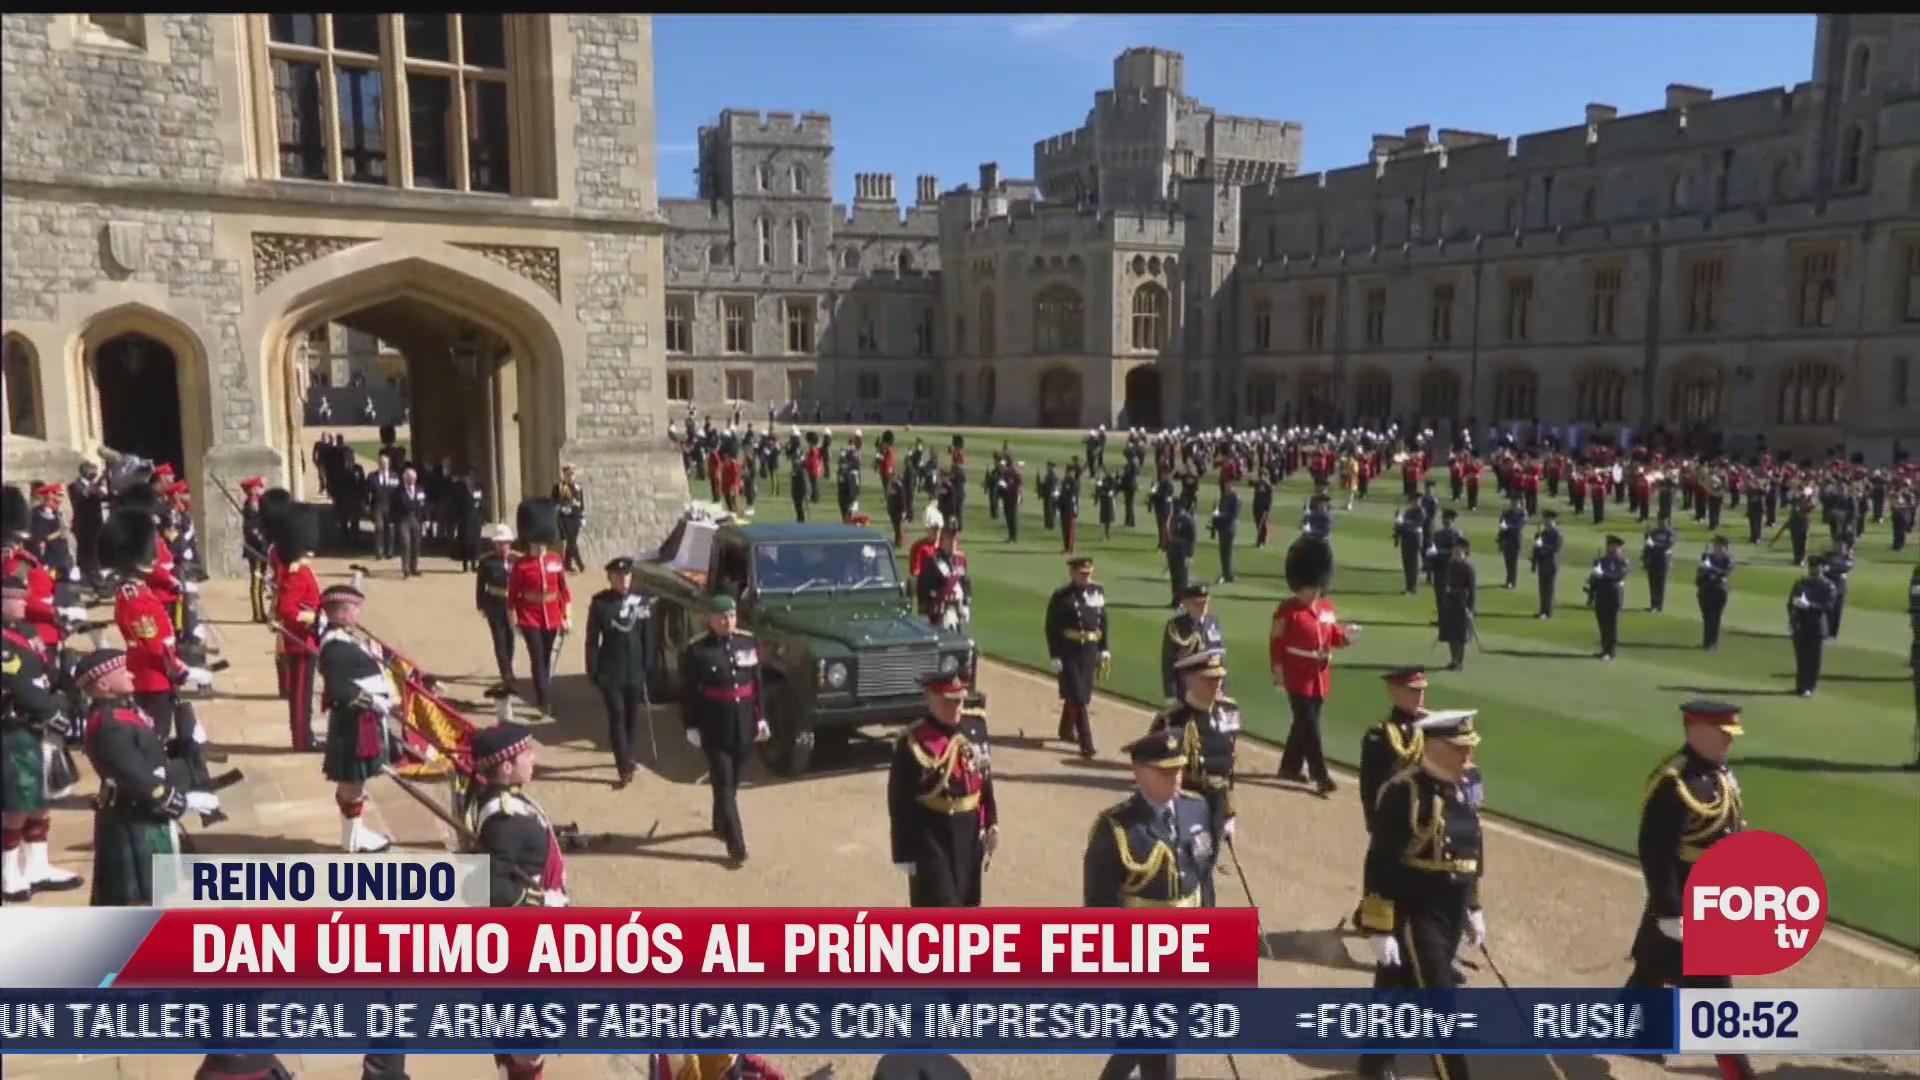 familia real da el ultimo adios al principe felipe en reino unido